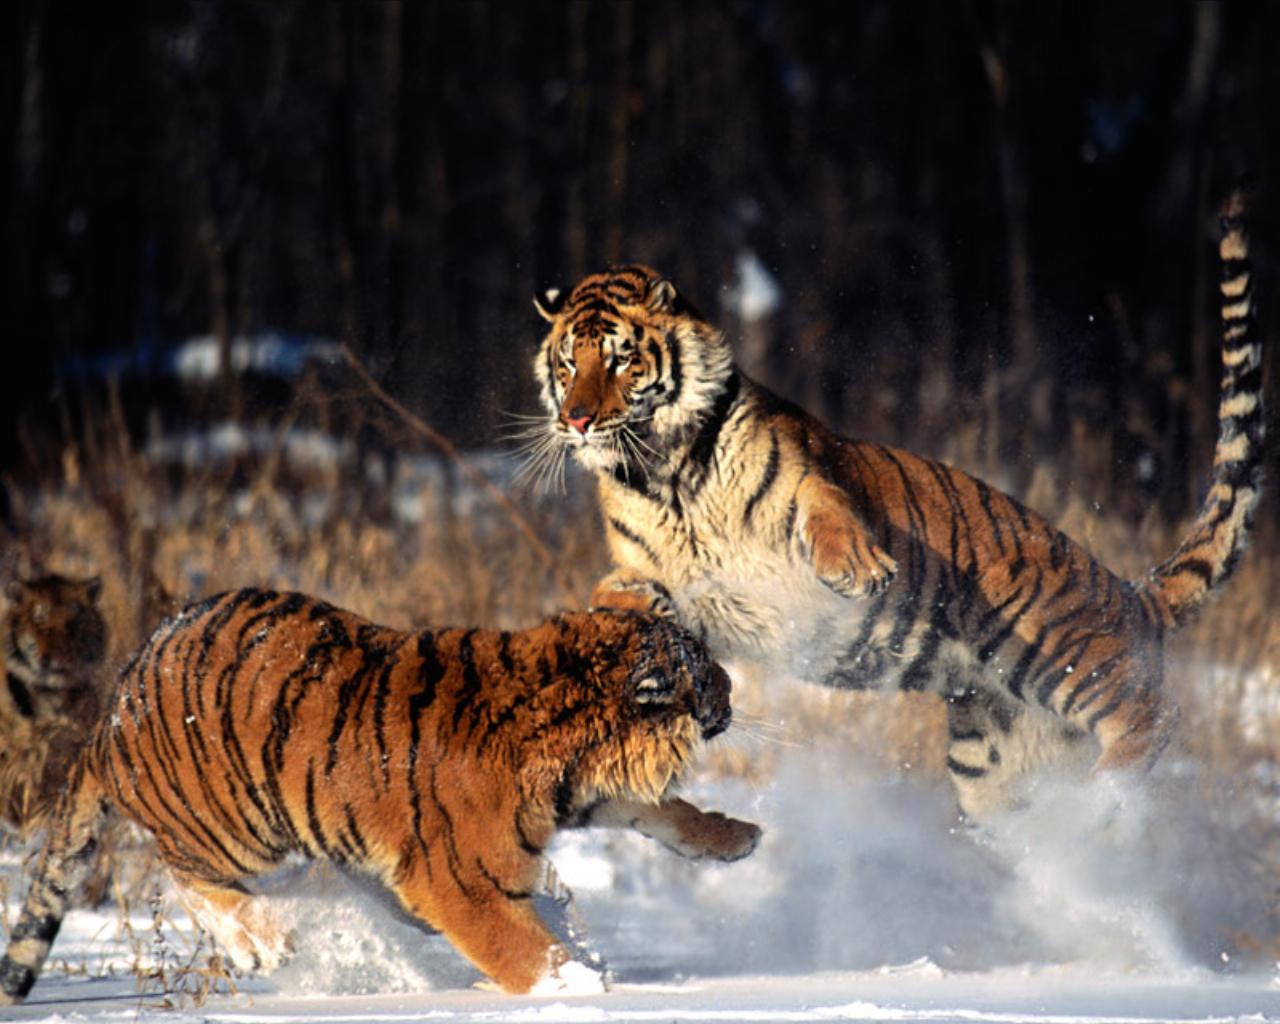 Tiger10